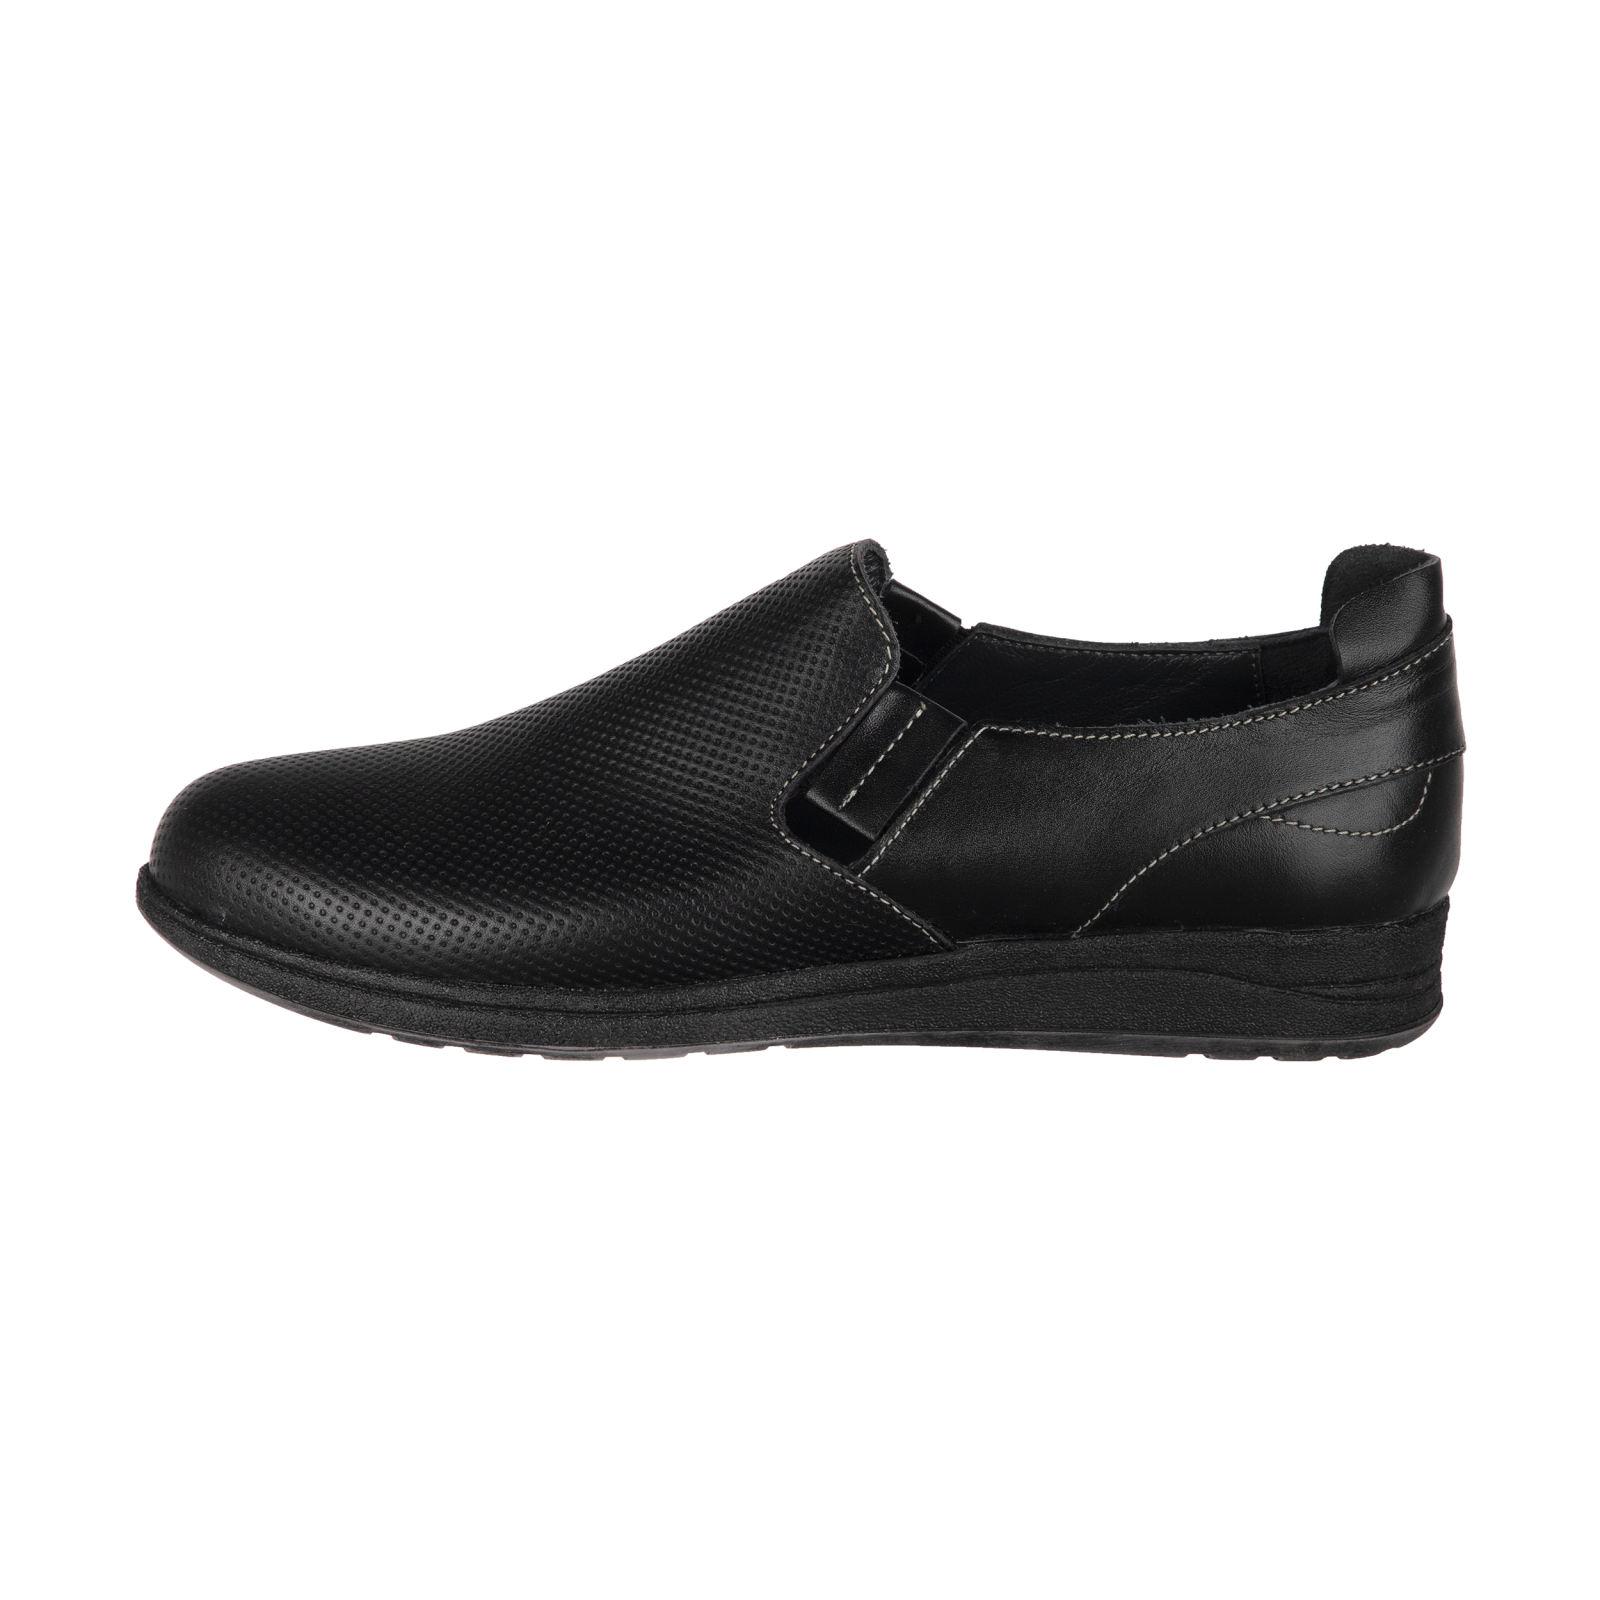 کفش روزمره زنانه سوته مدل 2958B500101 -  - 2